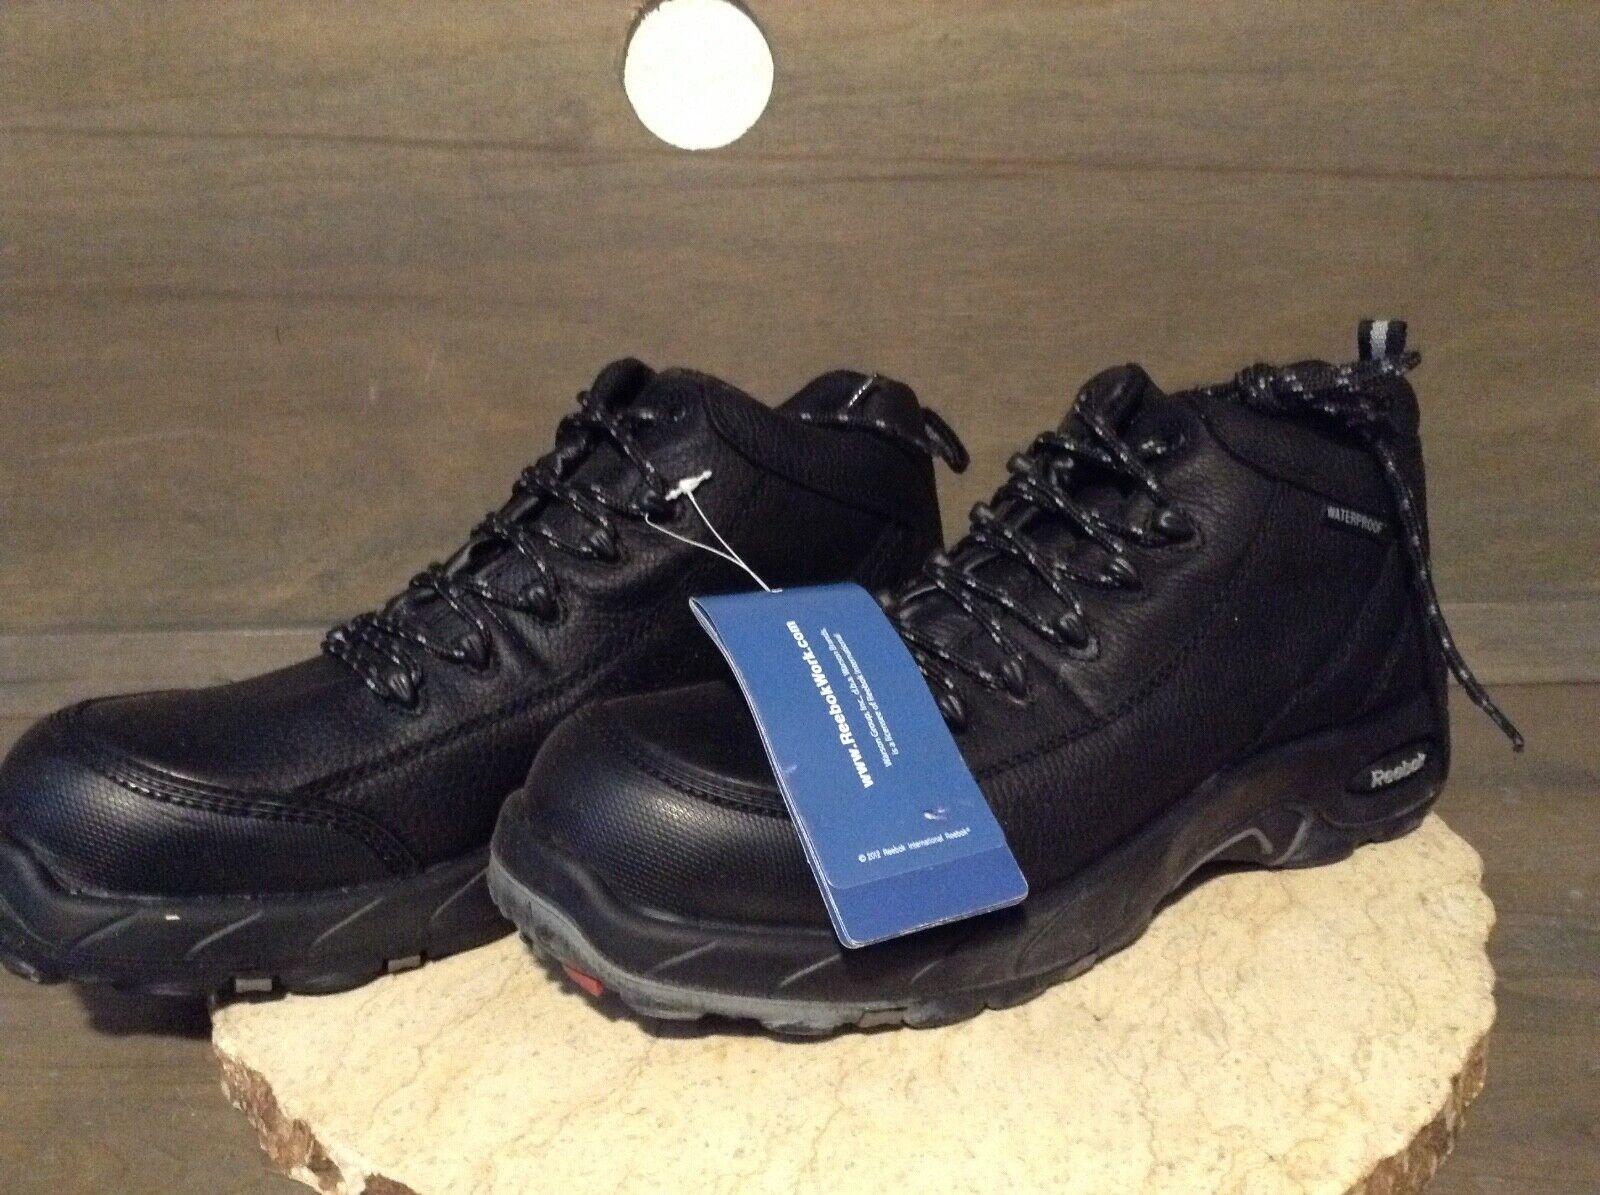 3635e096997 Men's NWOB Reebok TIAHAWK 10.5 SIZE Leather Waterproof Boots Work ...